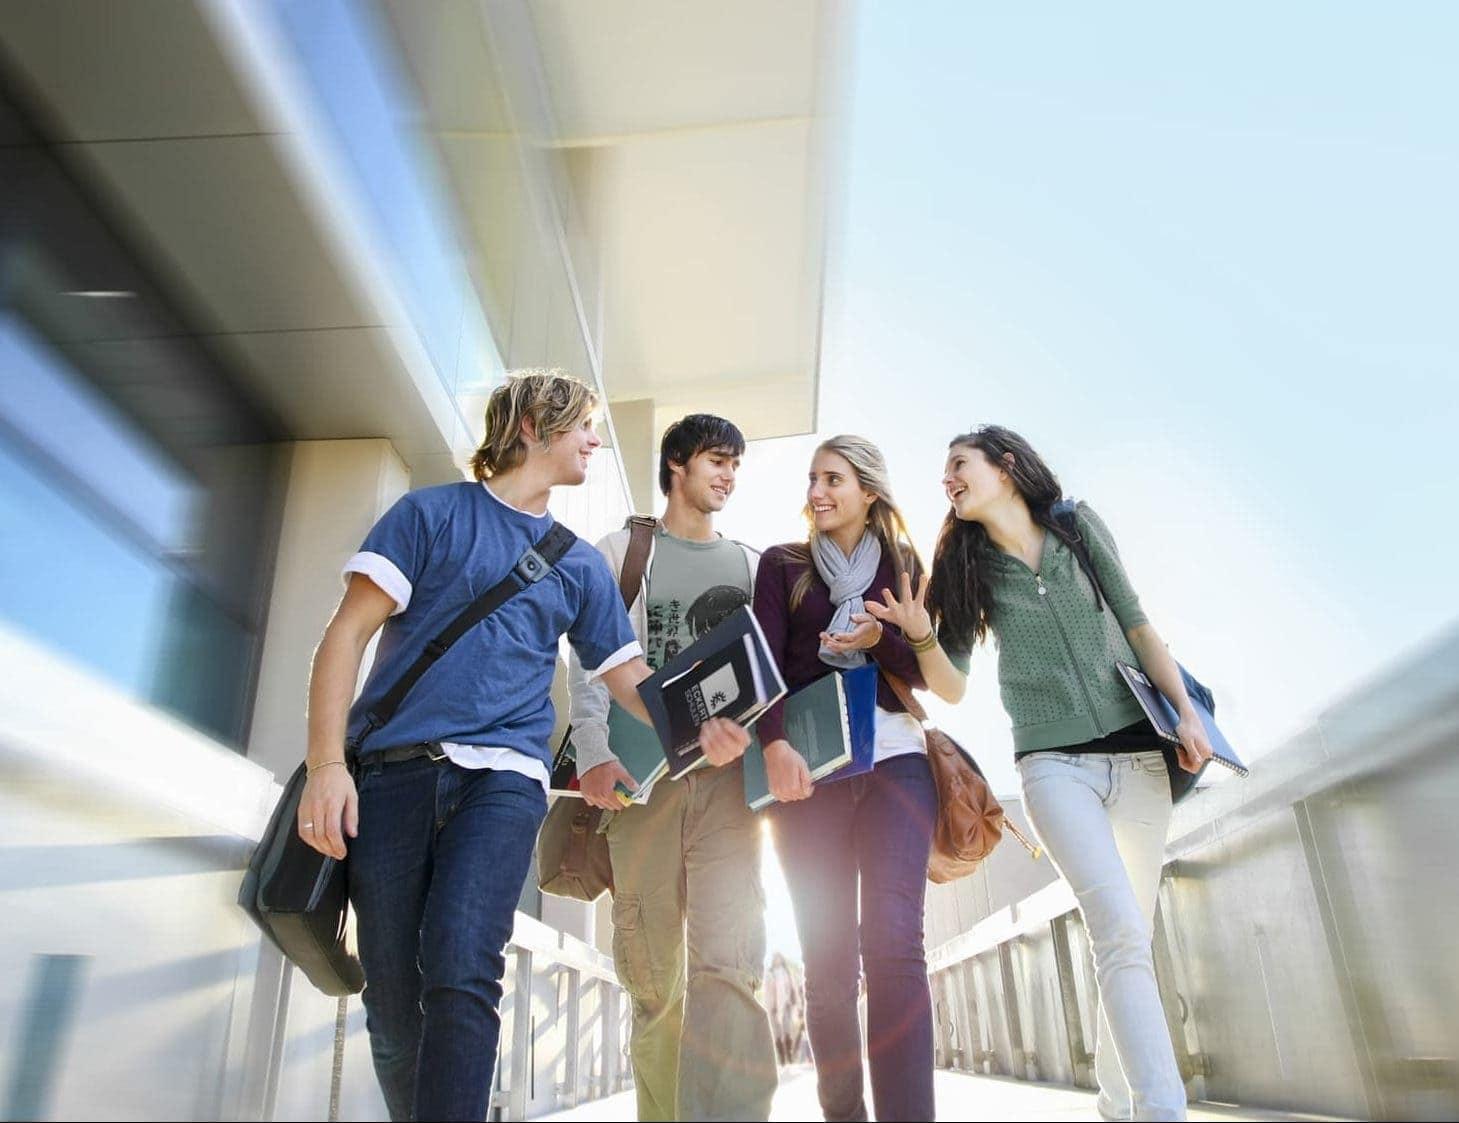 Aufstiegsorientierte und zeitgemäße Karrieremöglichkeiten für Fachkräfte an den Eckert Schulen